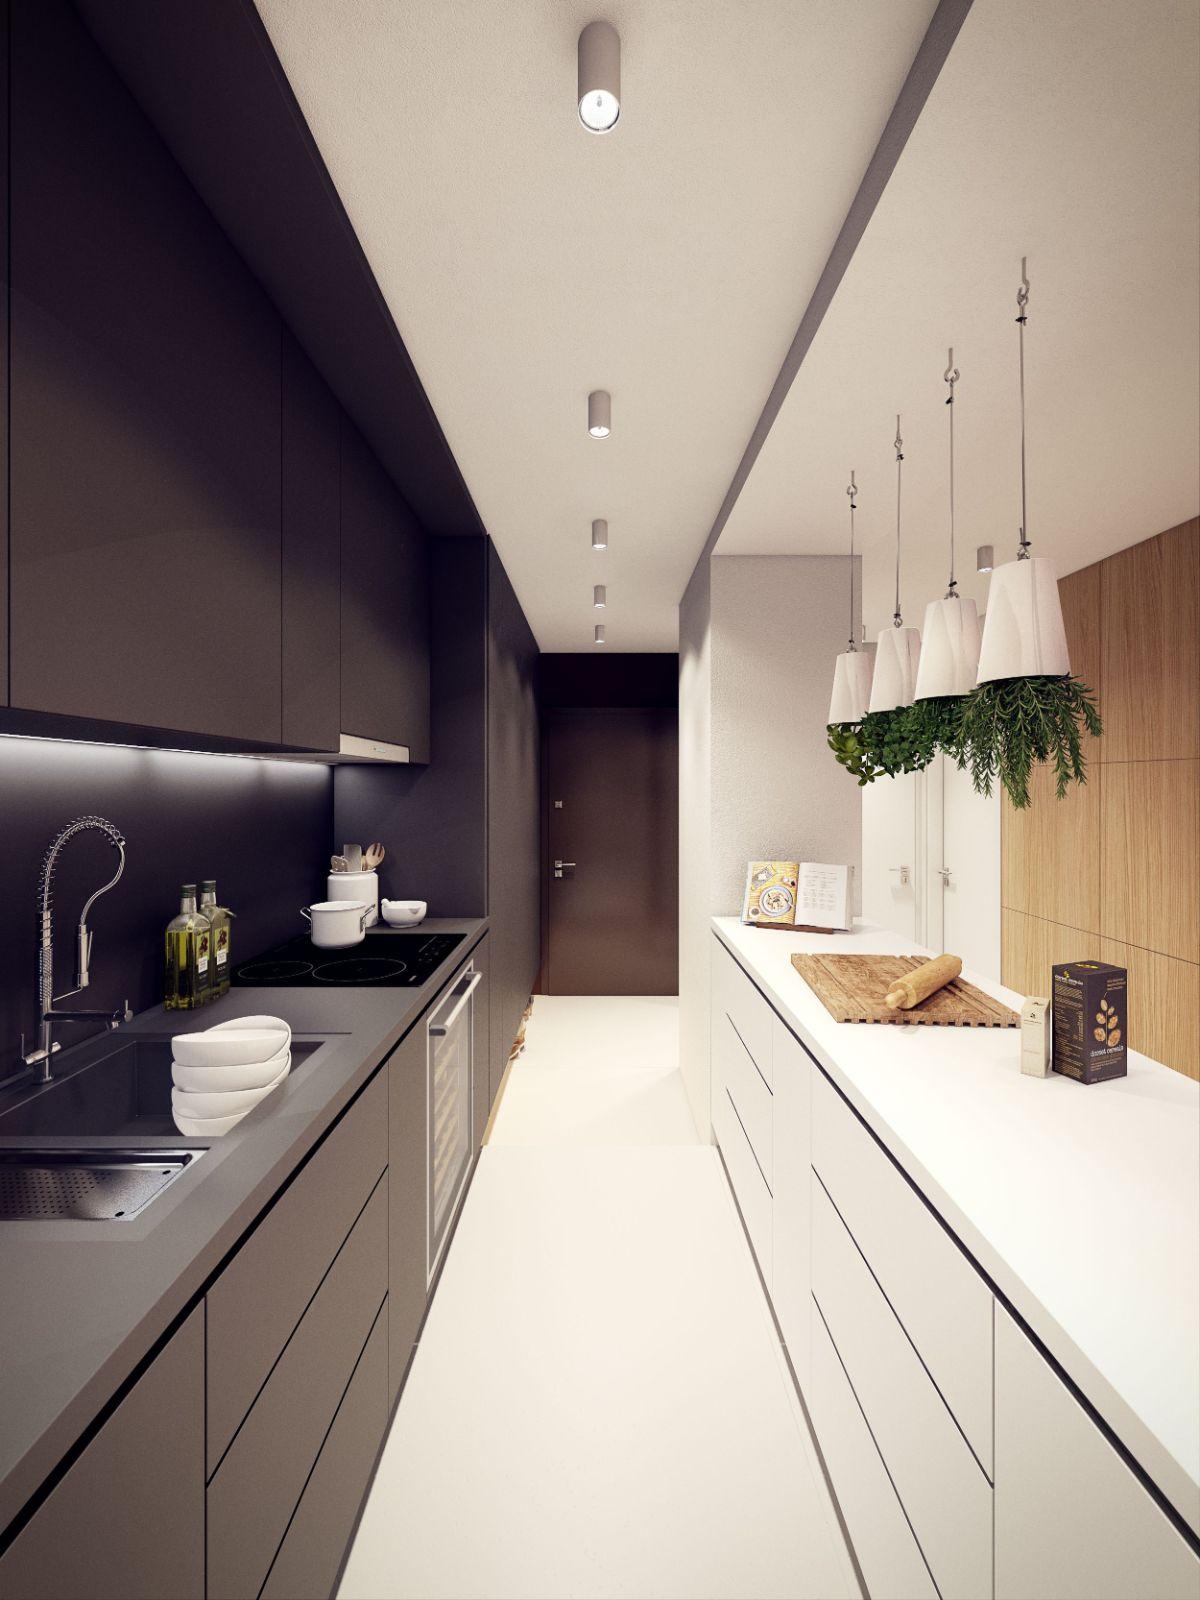 оригинальный чёрно-белый дизайн узкой кухни